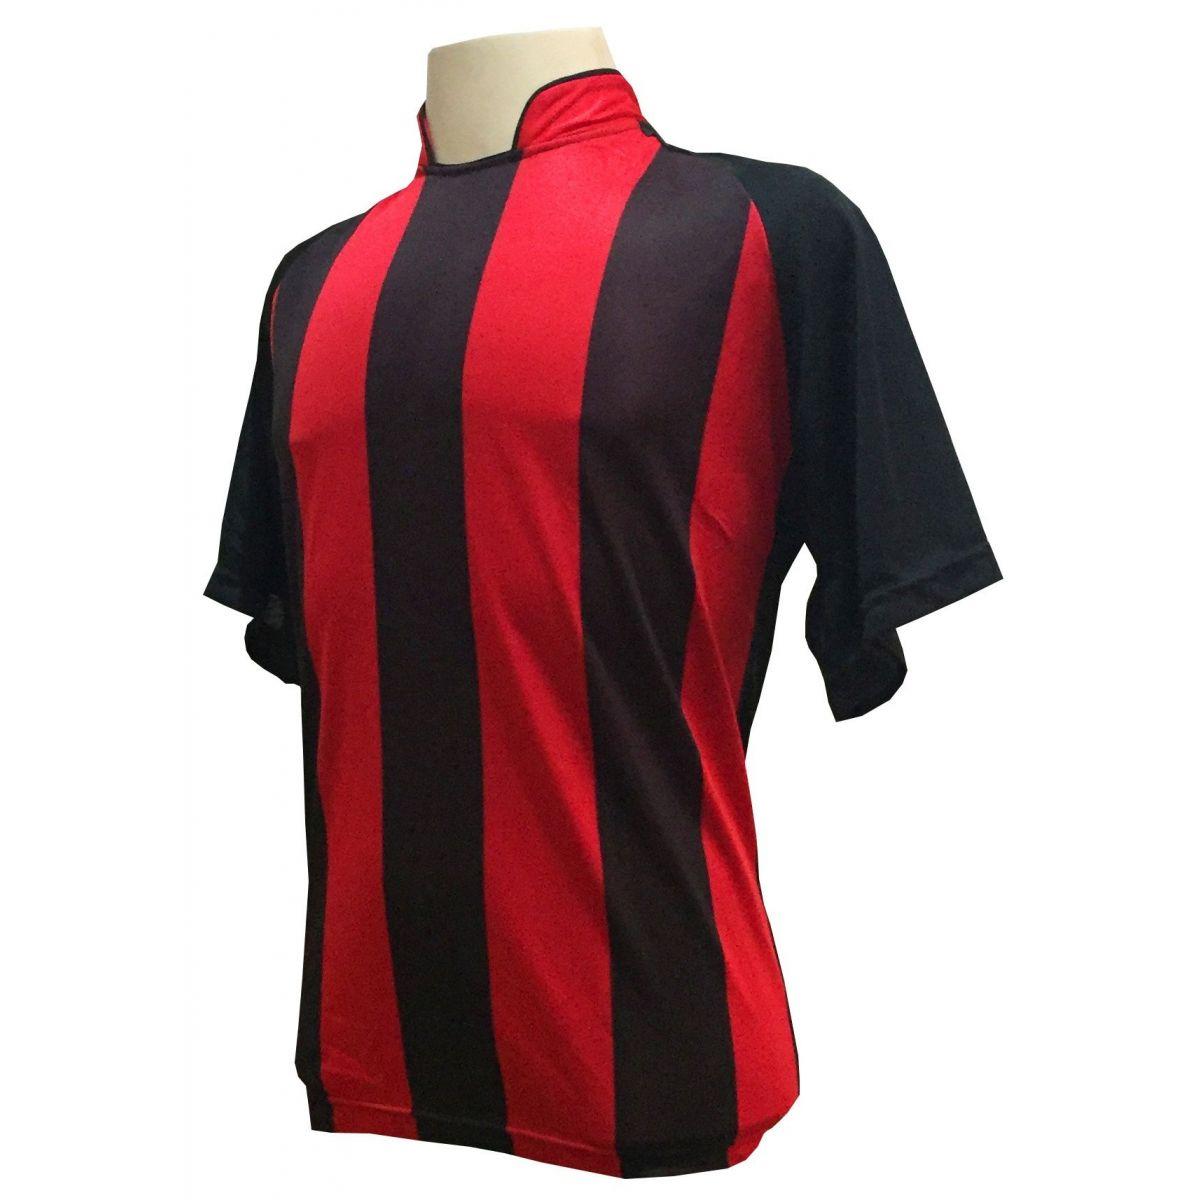 Uniforme Esportivo com 12 Camisas modelo Milan Preto/Vermelho + 12 Calções modelo Copa Preto/Vermelho